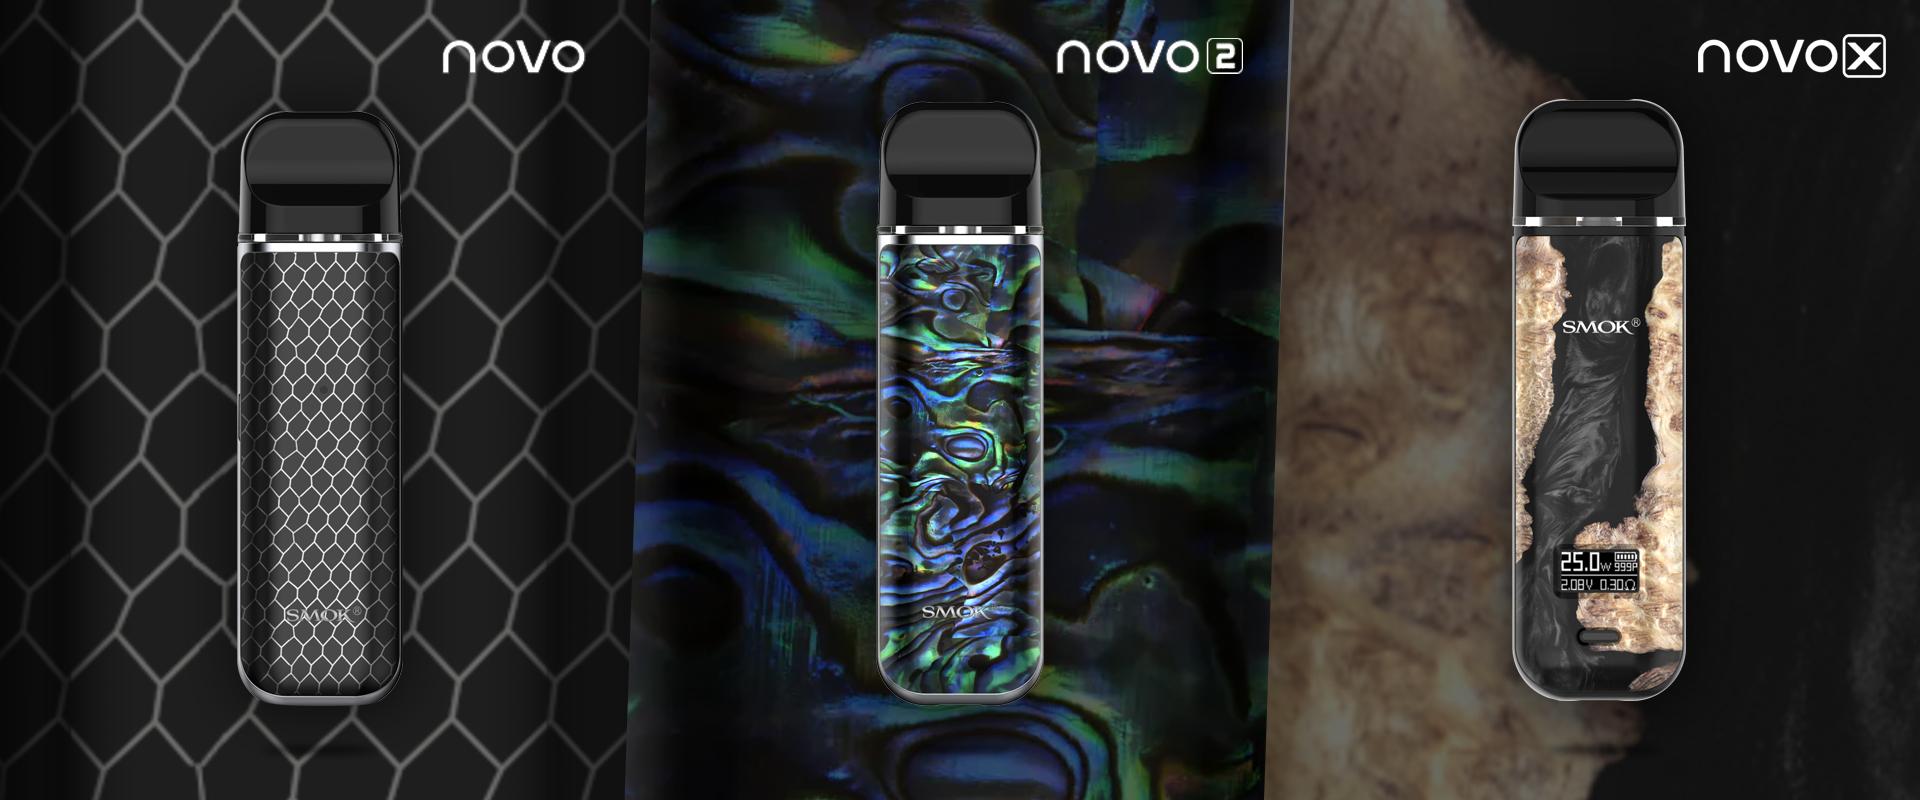 ¡El nuevo Smok NOVO que tienes que ojear!